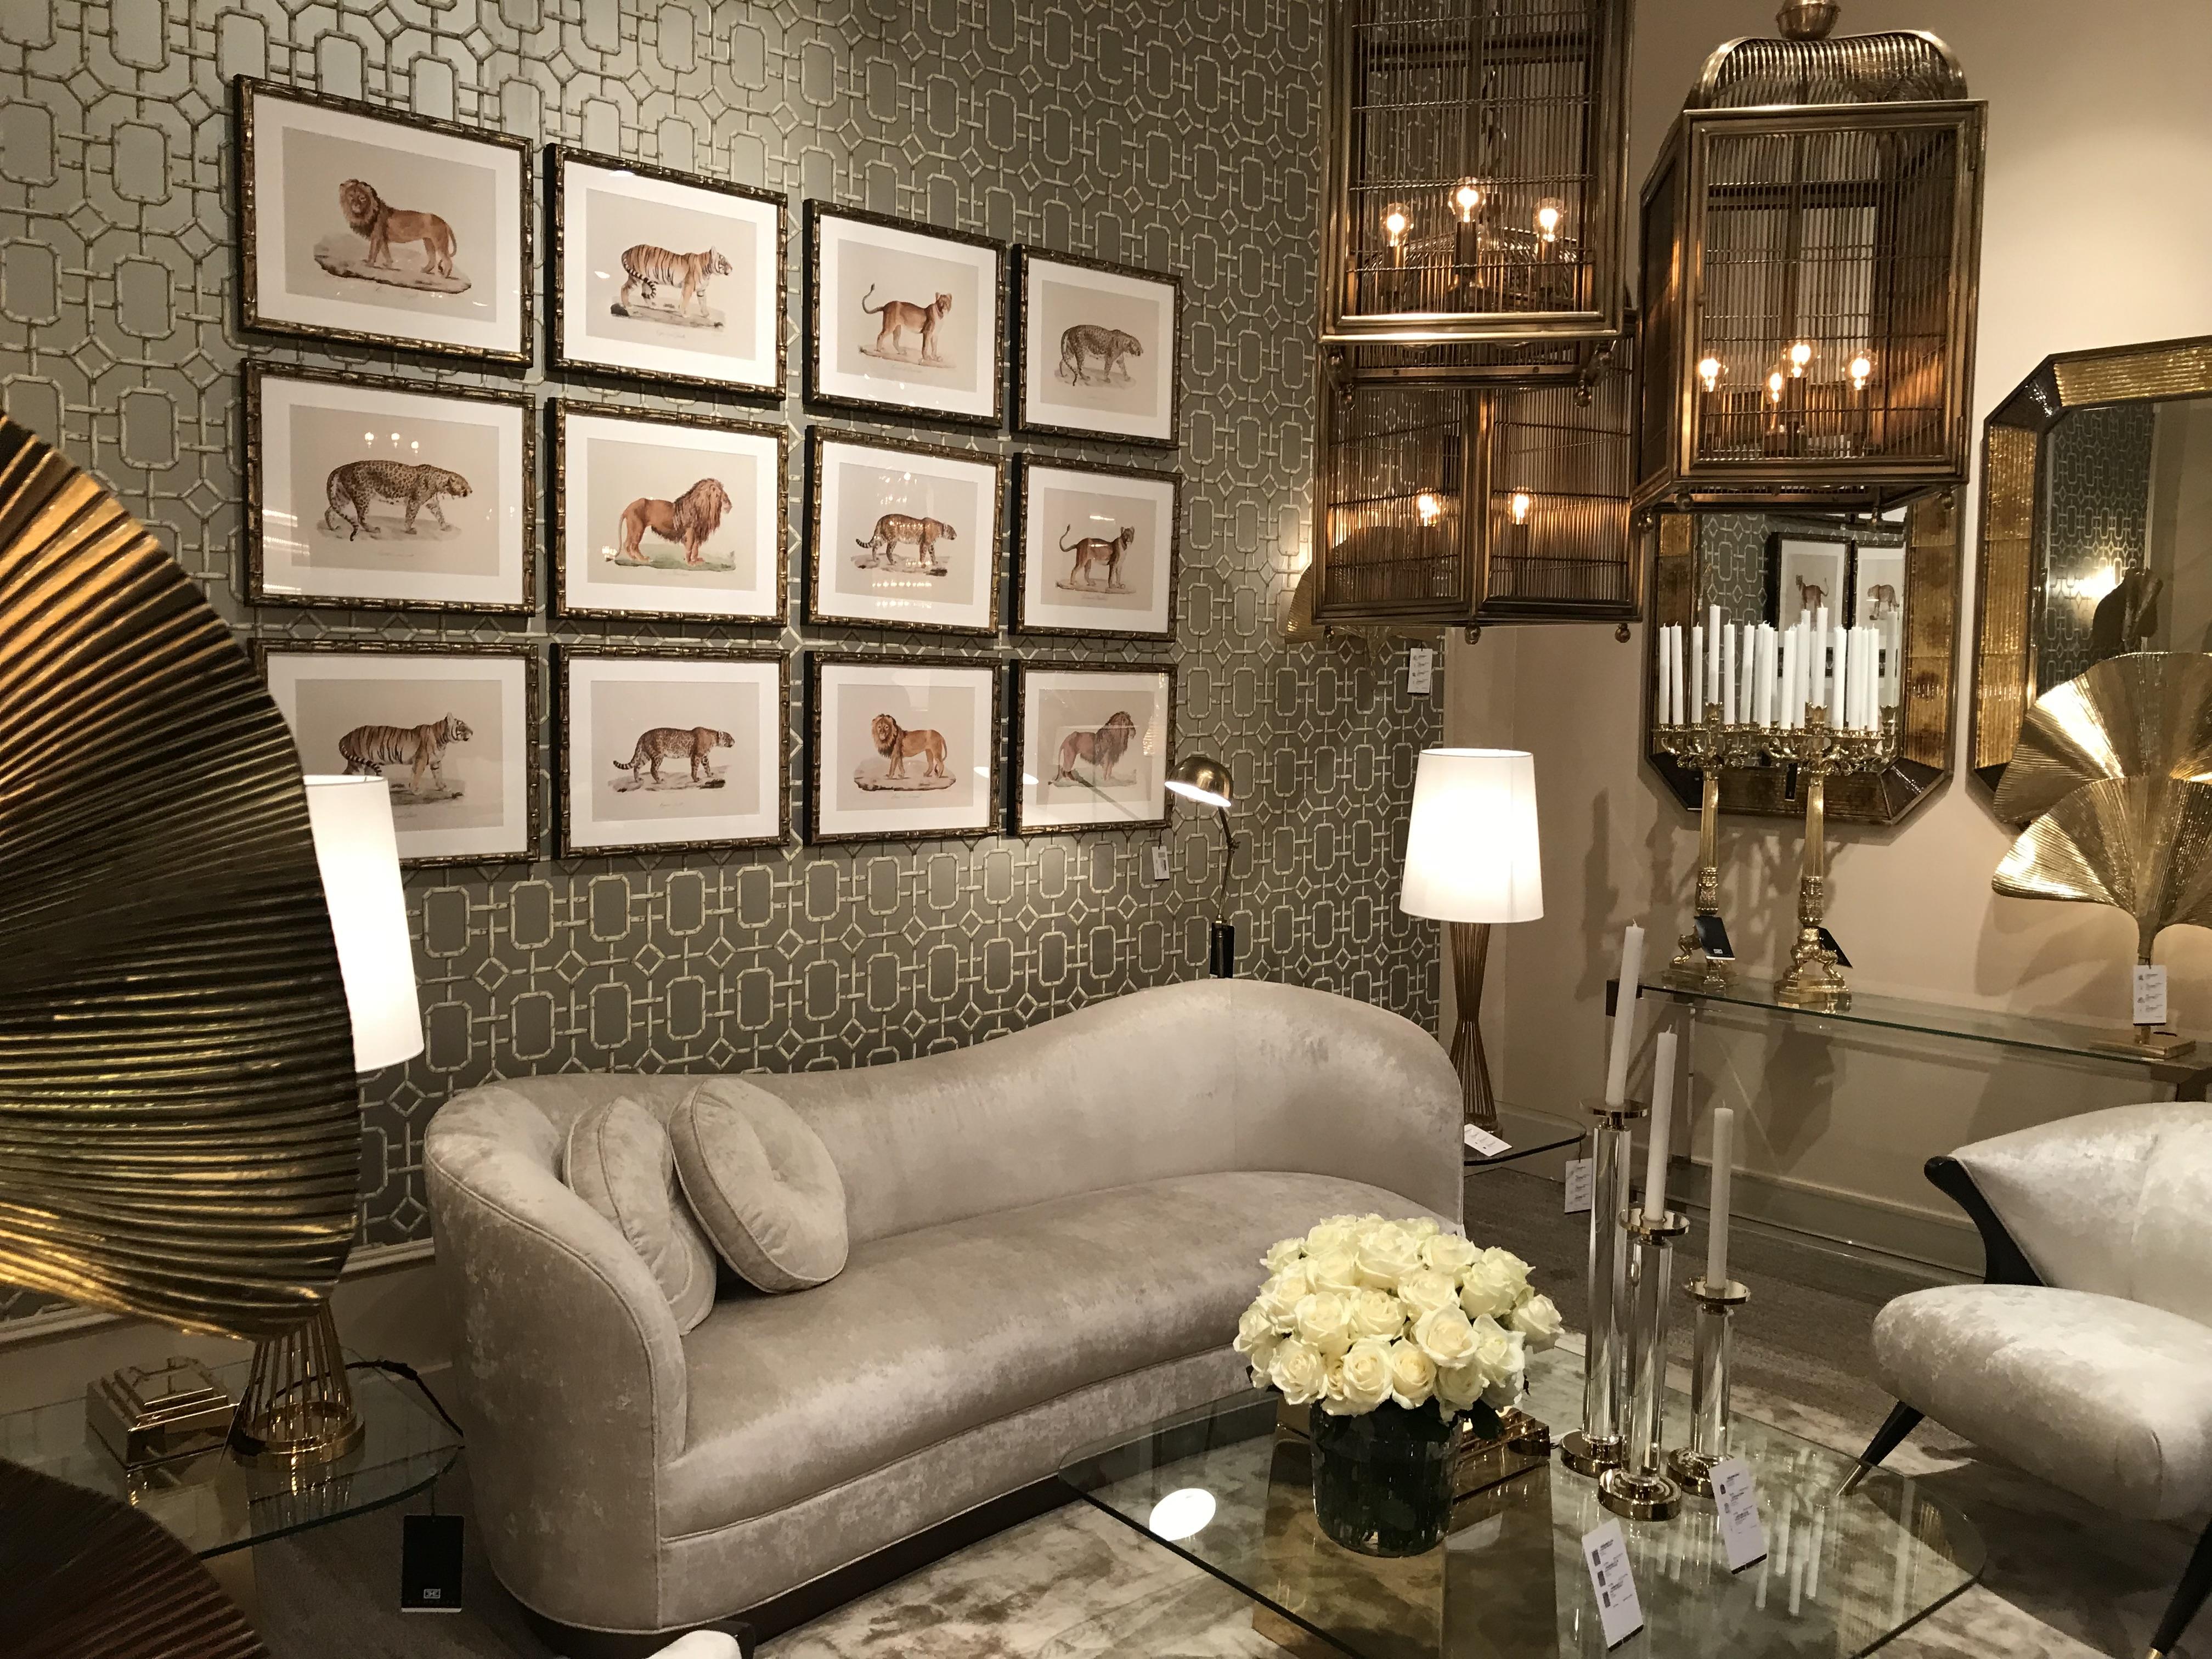 canapé velours beige dans un intérieur art deco